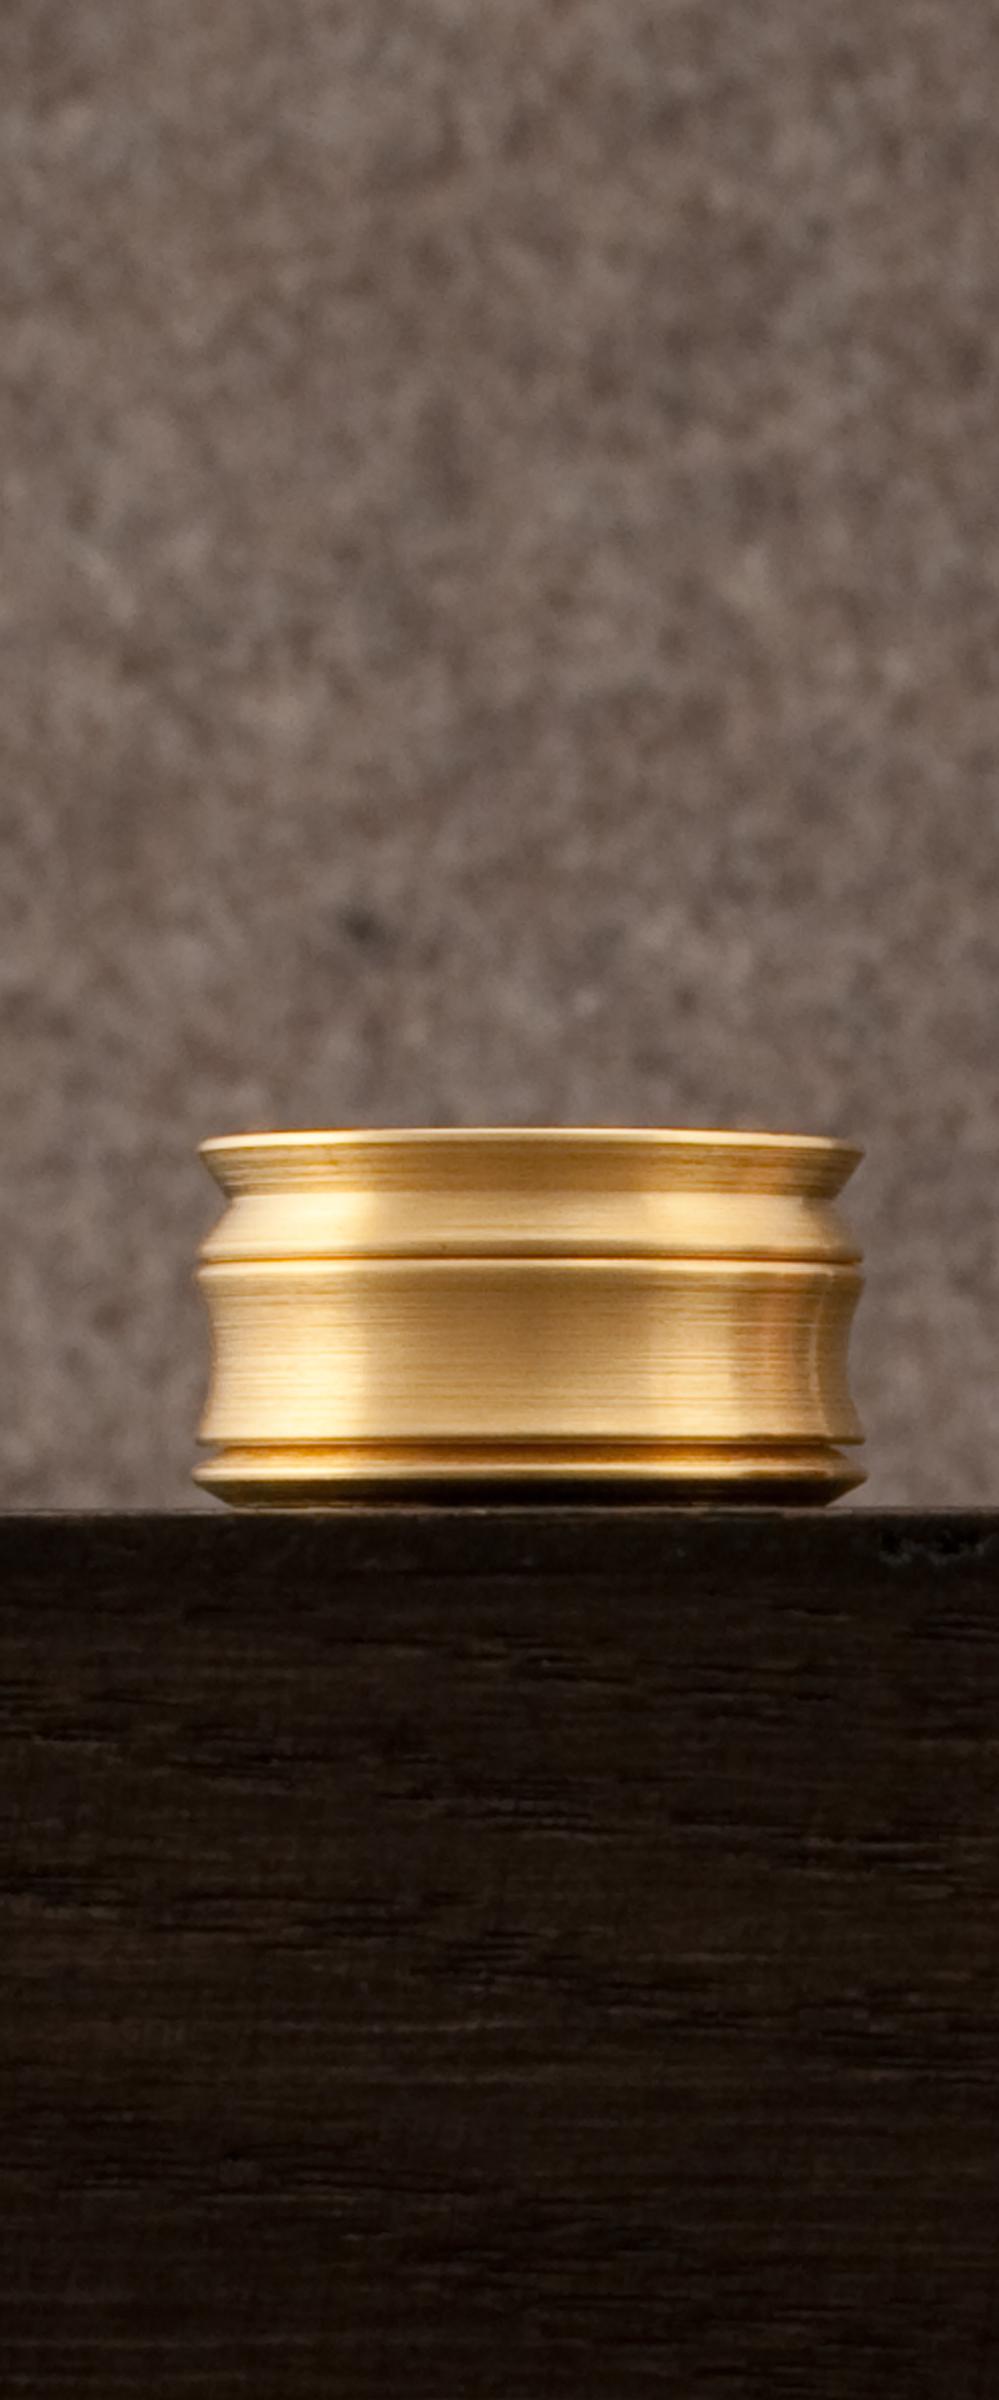 Rings - Web 35.jpg